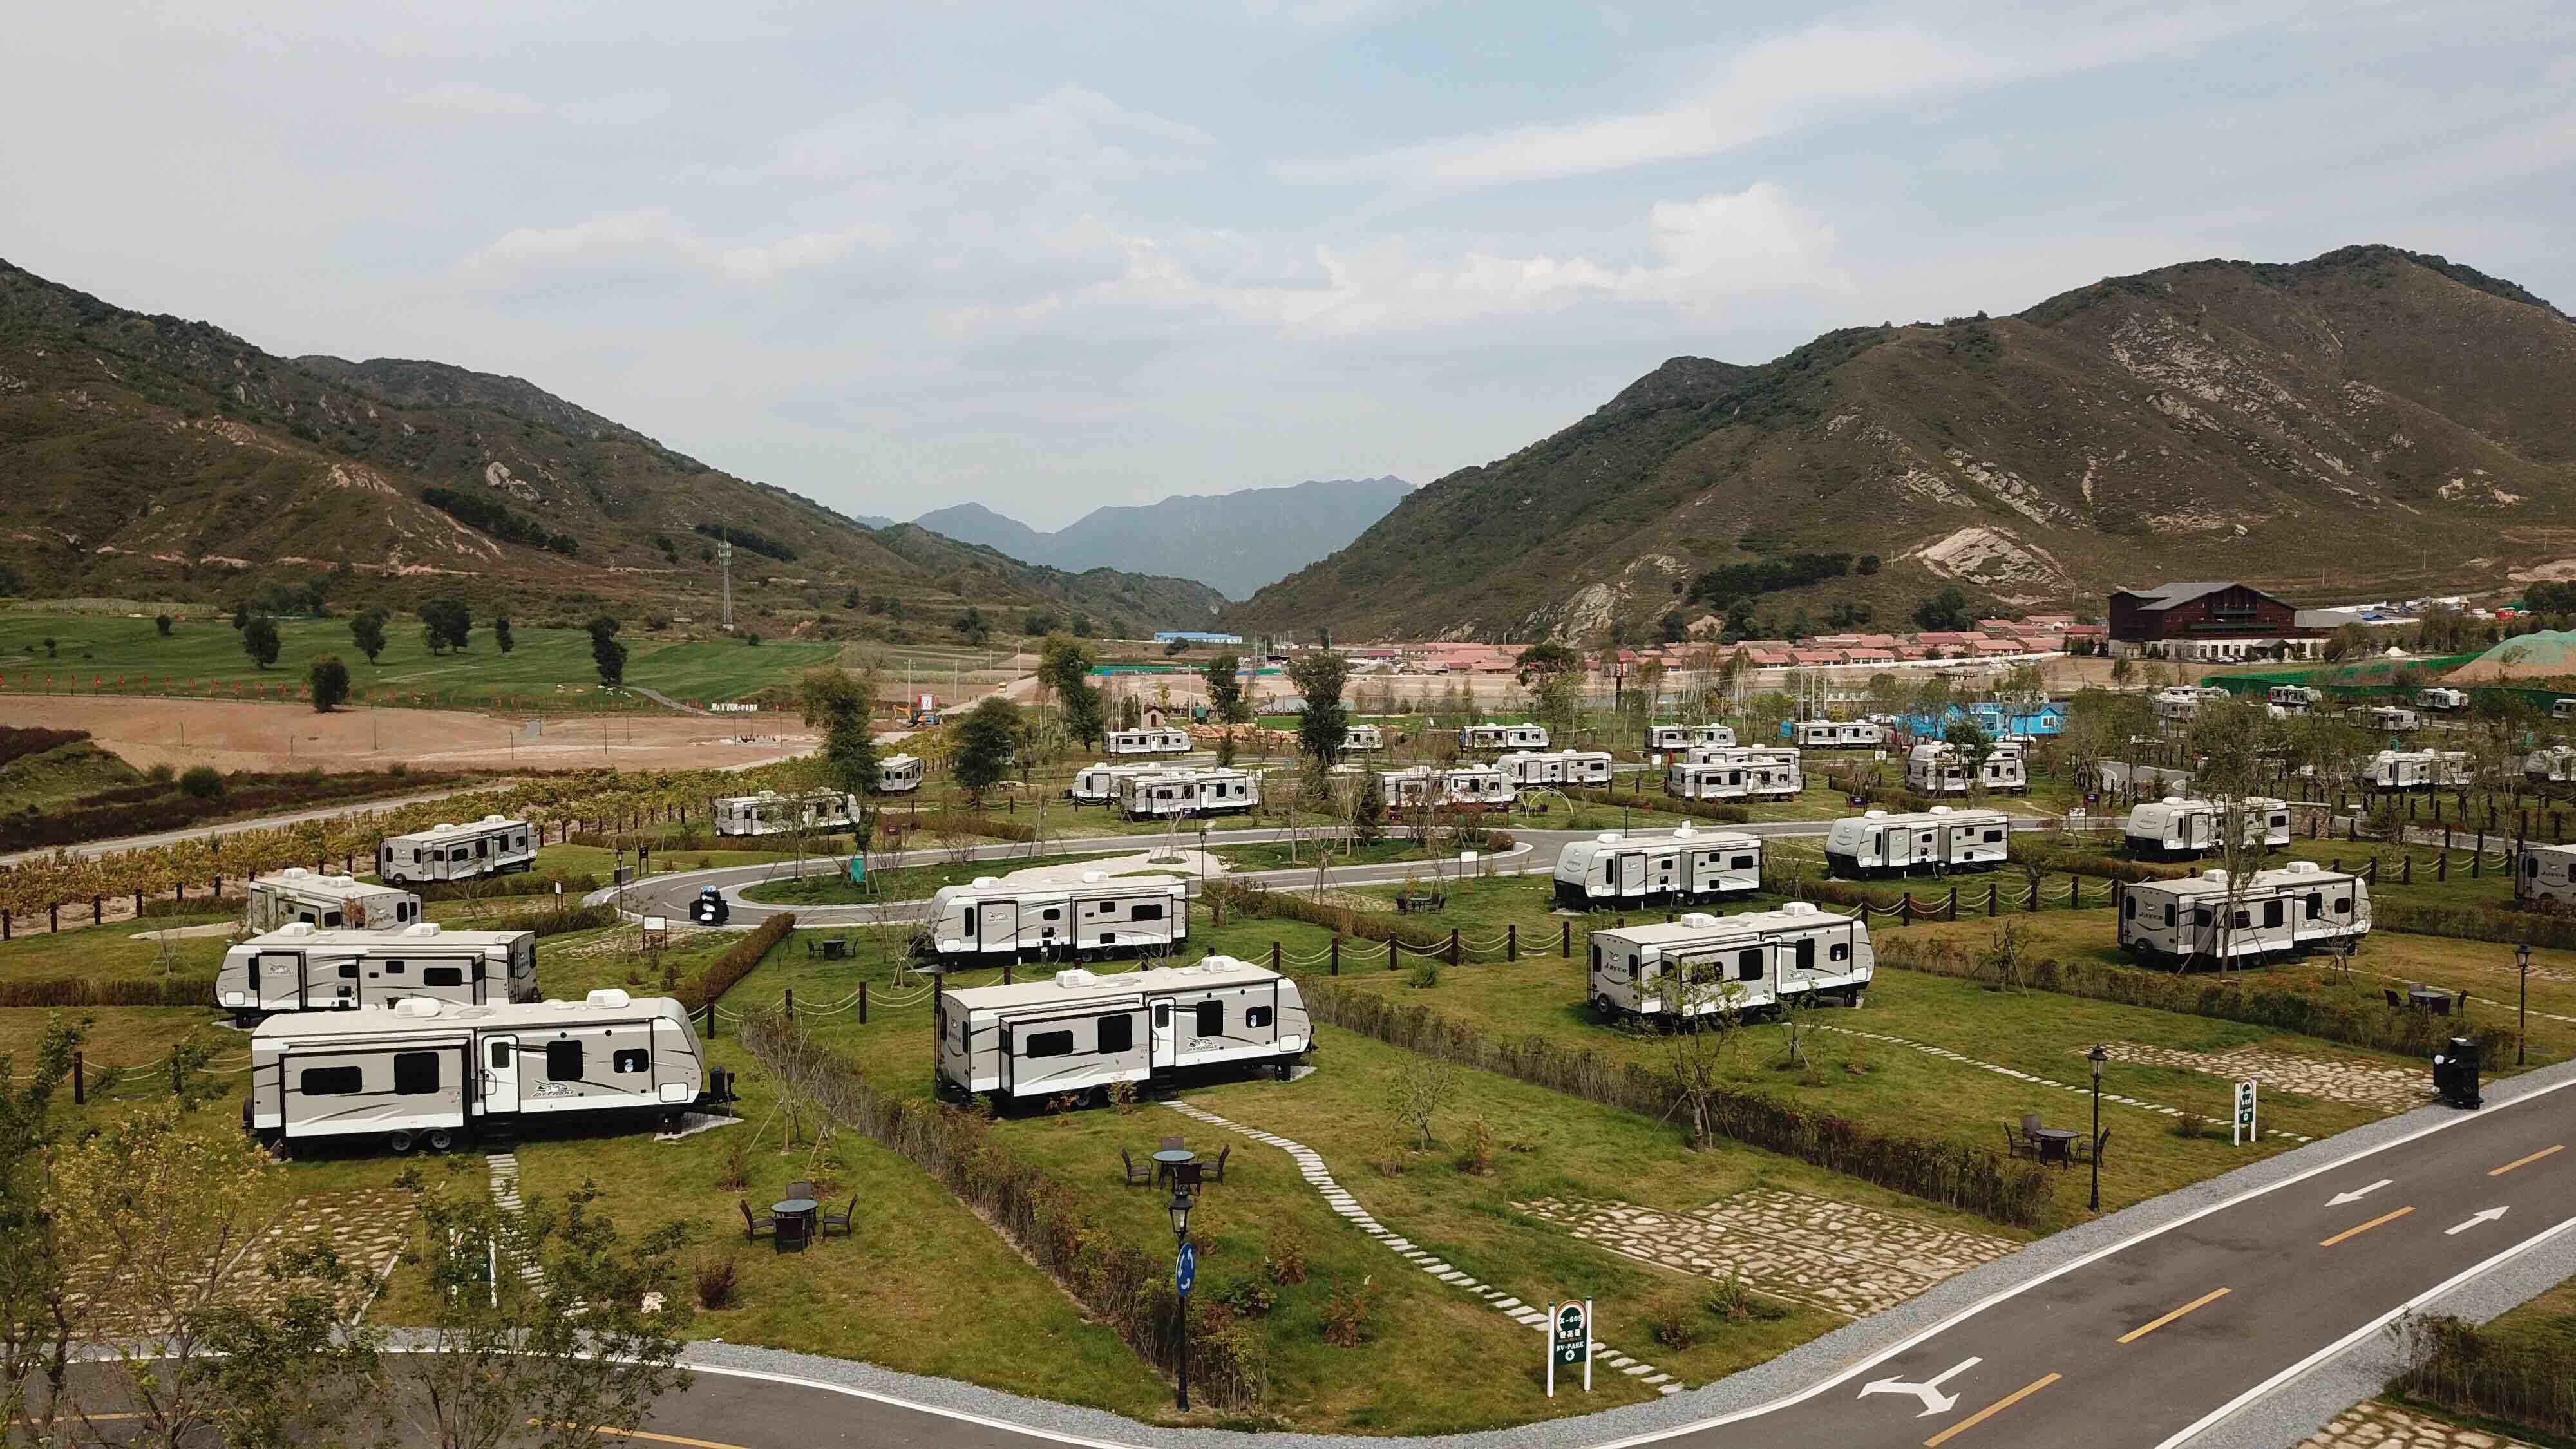 9月21日,体验者张慧玥(右)和刘洋在一辆房车内休息。; ; 位于北京延庆的海坨山谷RV-Park房车营地,由100辆房车和100个围绕房车的小花园构成,是亚洲最大的房车公园之一。近年来,随着出游方式的多元化发展,作为新兴度假方式的房车旅游越来越受到人们的青睐。; ; 新华社记者王建华摄影报道俯瞰海坨山谷中的房车营地(9月21日摄)。海坨山谷中的房车营地(9月21日摄)。俯瞰海坨山谷中的房车营地(9月21日摄)。9月21日,游客在房车营地骑行。